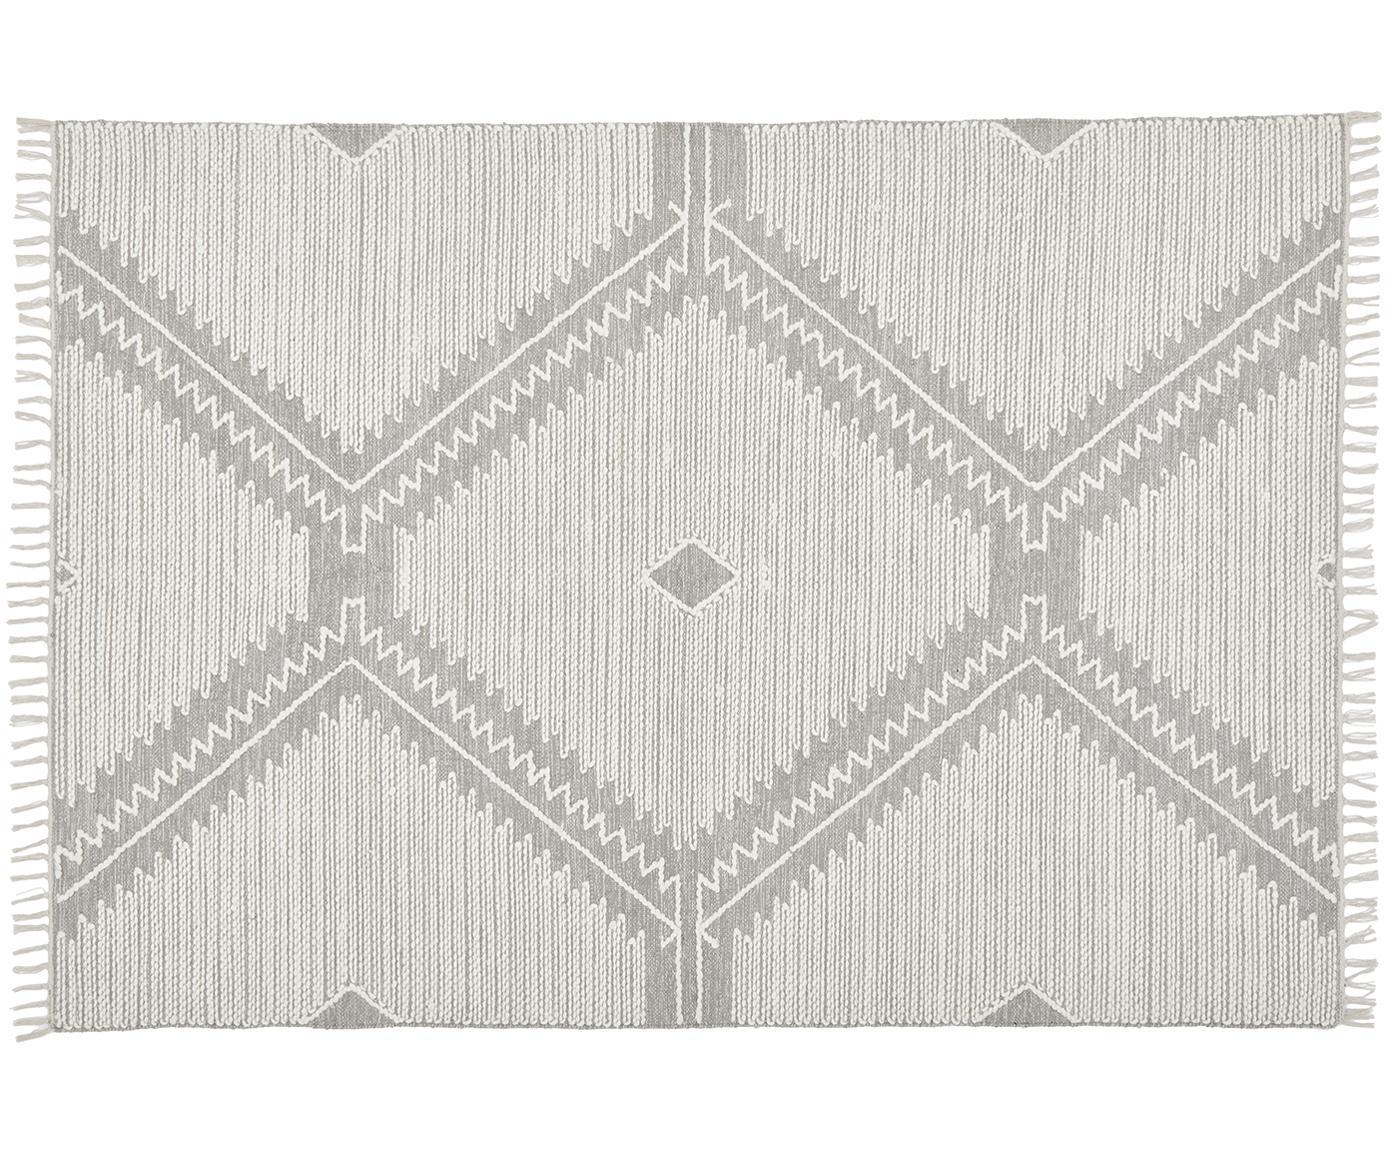 Handgewebter Teppich Karola mit Hoch-Tief-Struktur, Grau, Cremeweiß, B 160 x L 230 cm (Größe M)